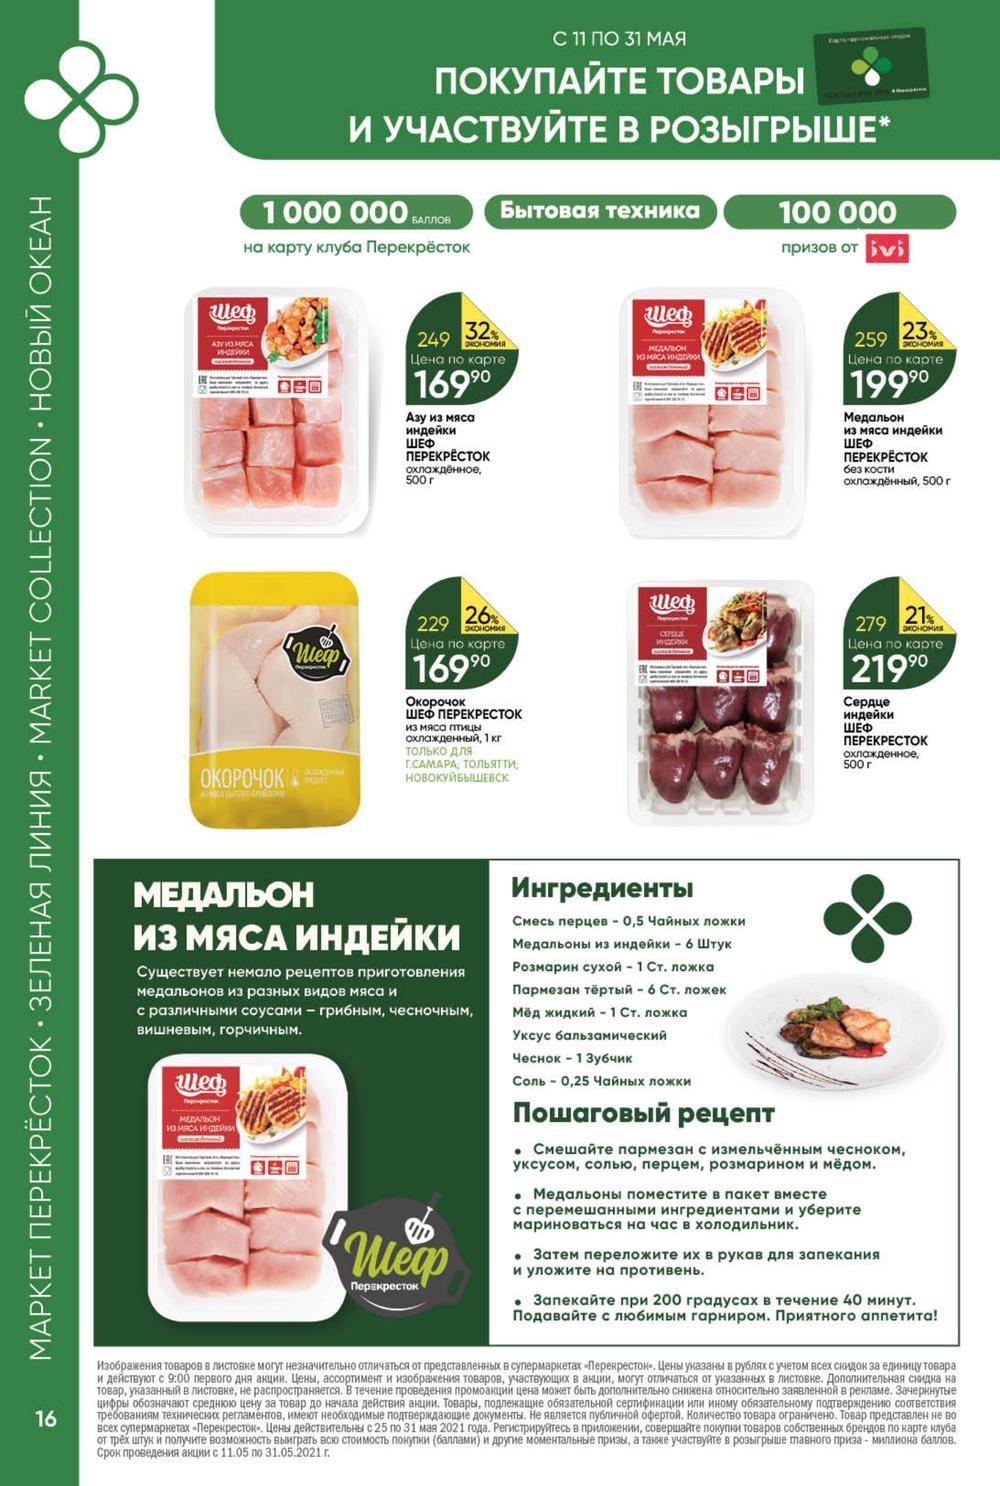 Новый каталог акций в Перекрестке г. Магнитогорск